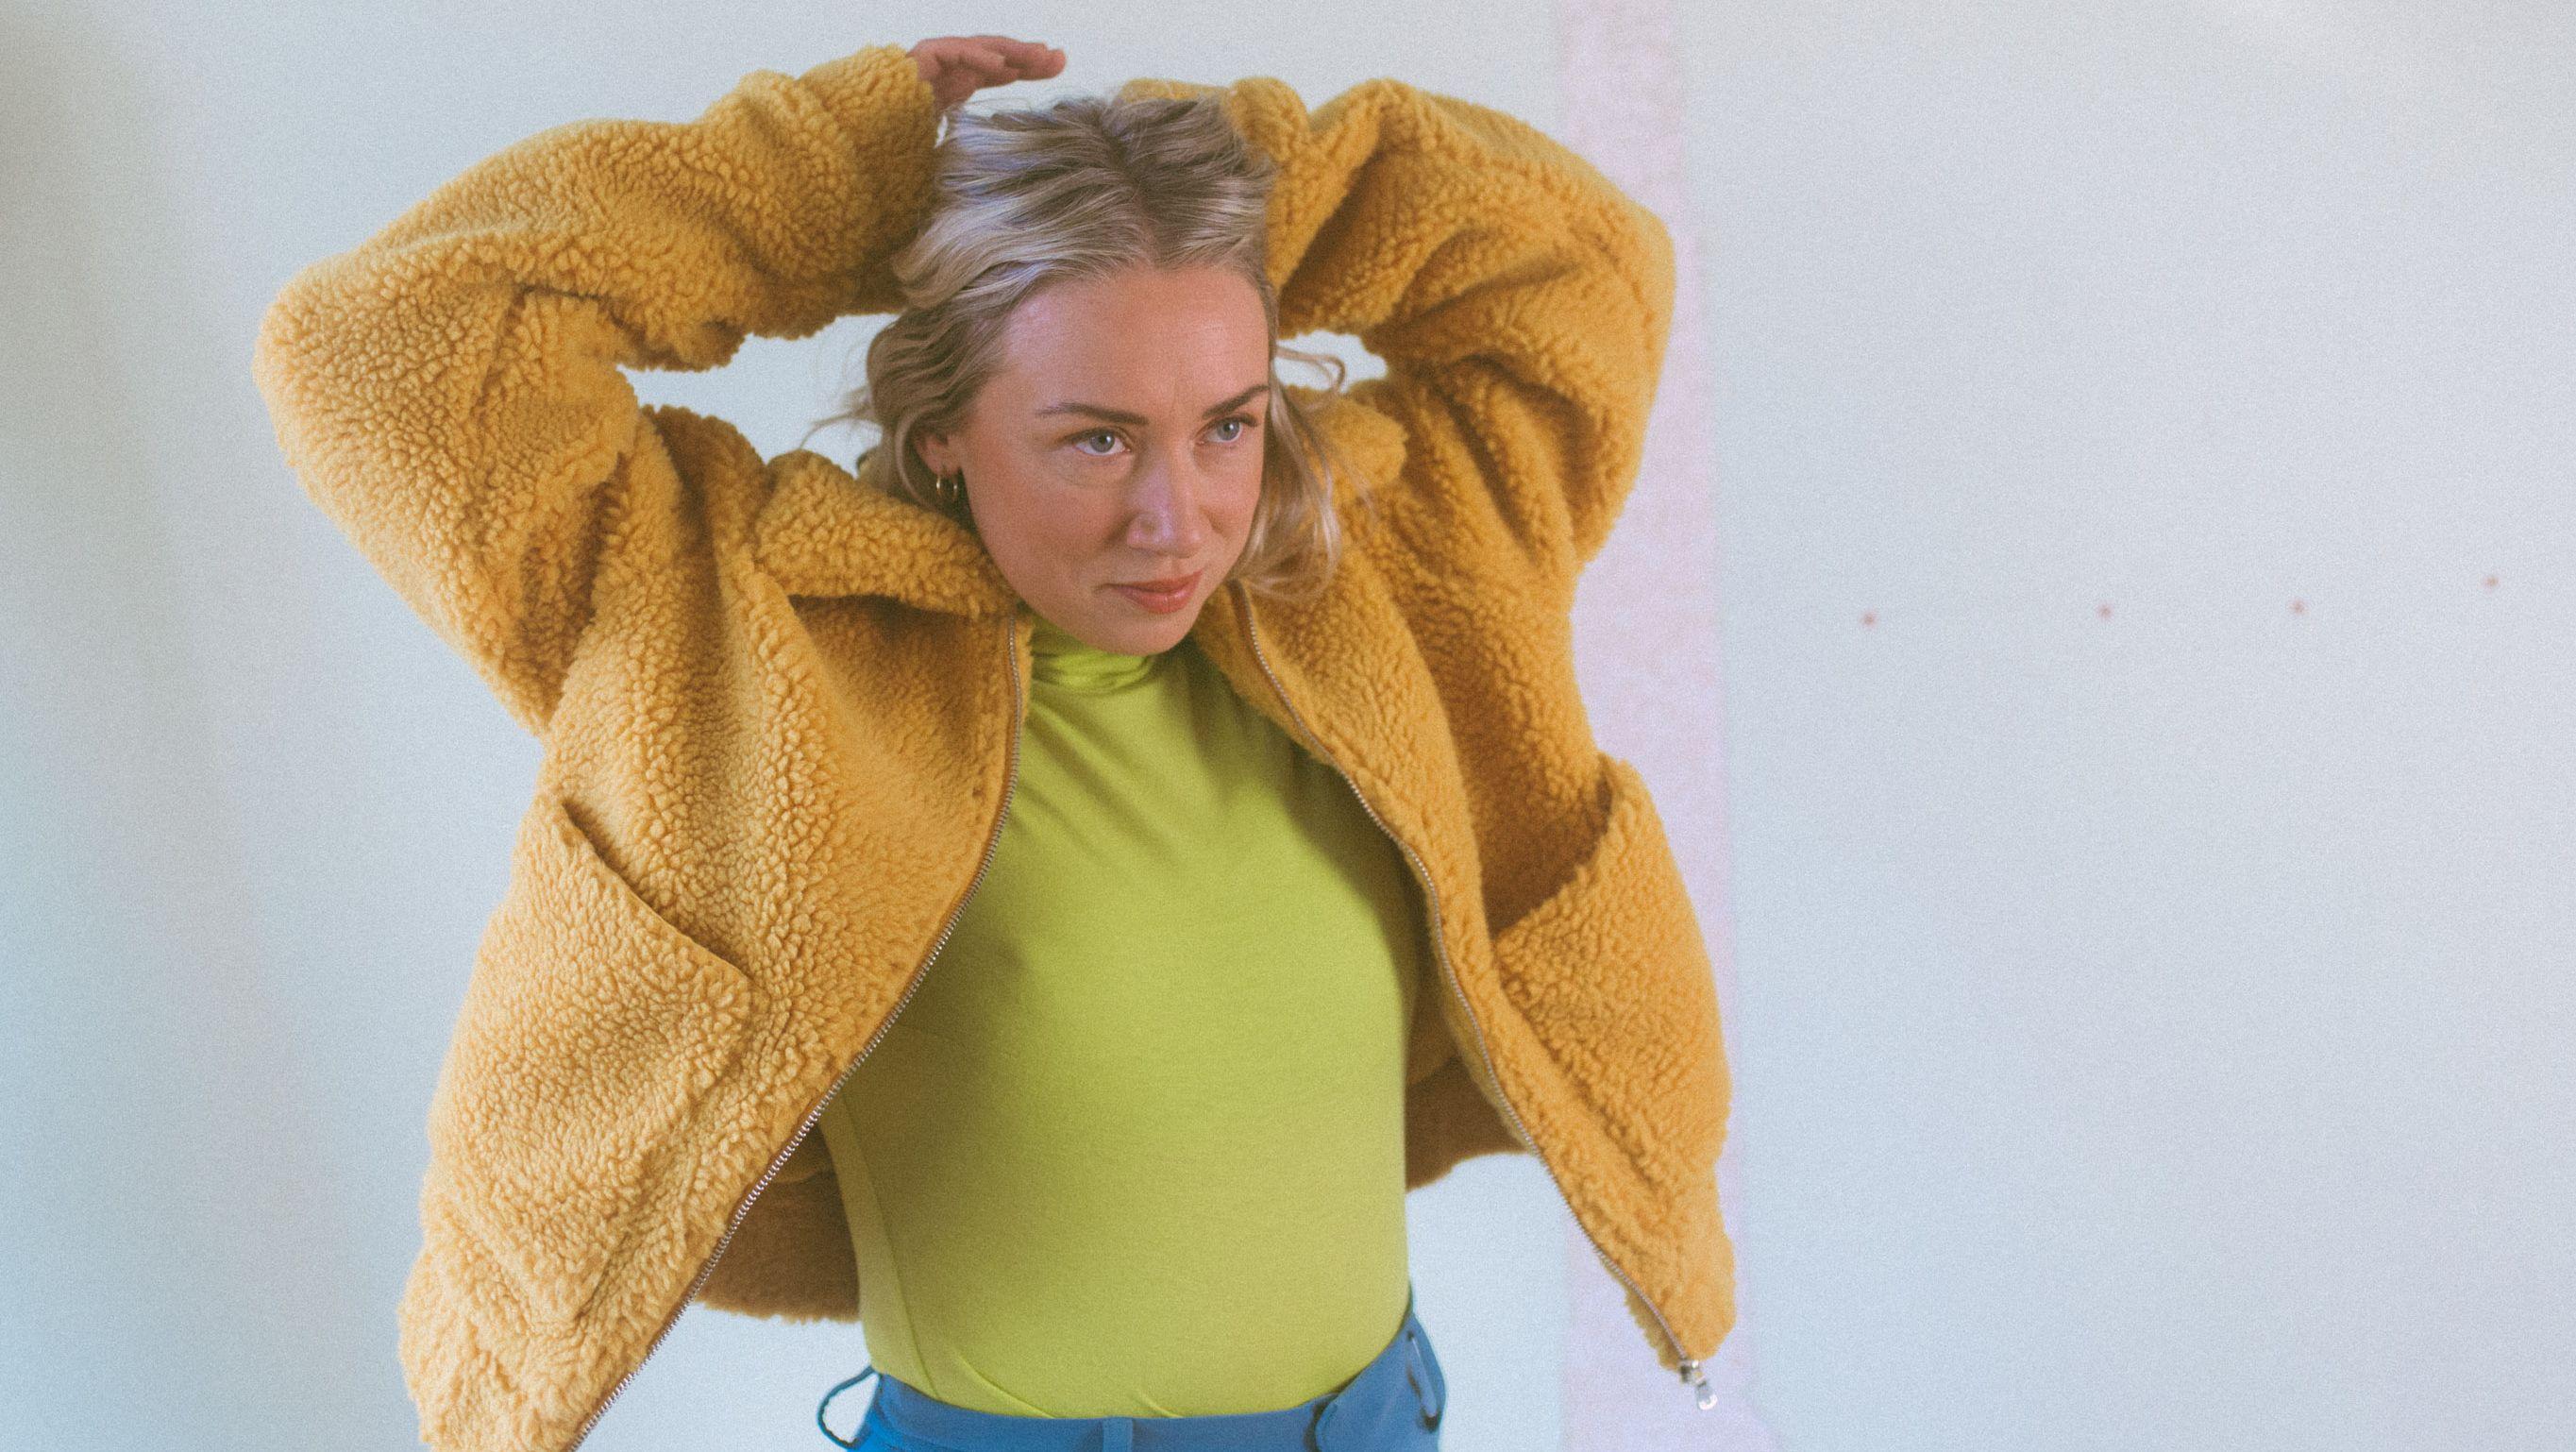 Musikerin Hanne Hukkelberg trägt eine gelbe Teddyjacke und einen lindgrünen Rollkragenpulli und verschränkt die Arme hinter dem Kopf